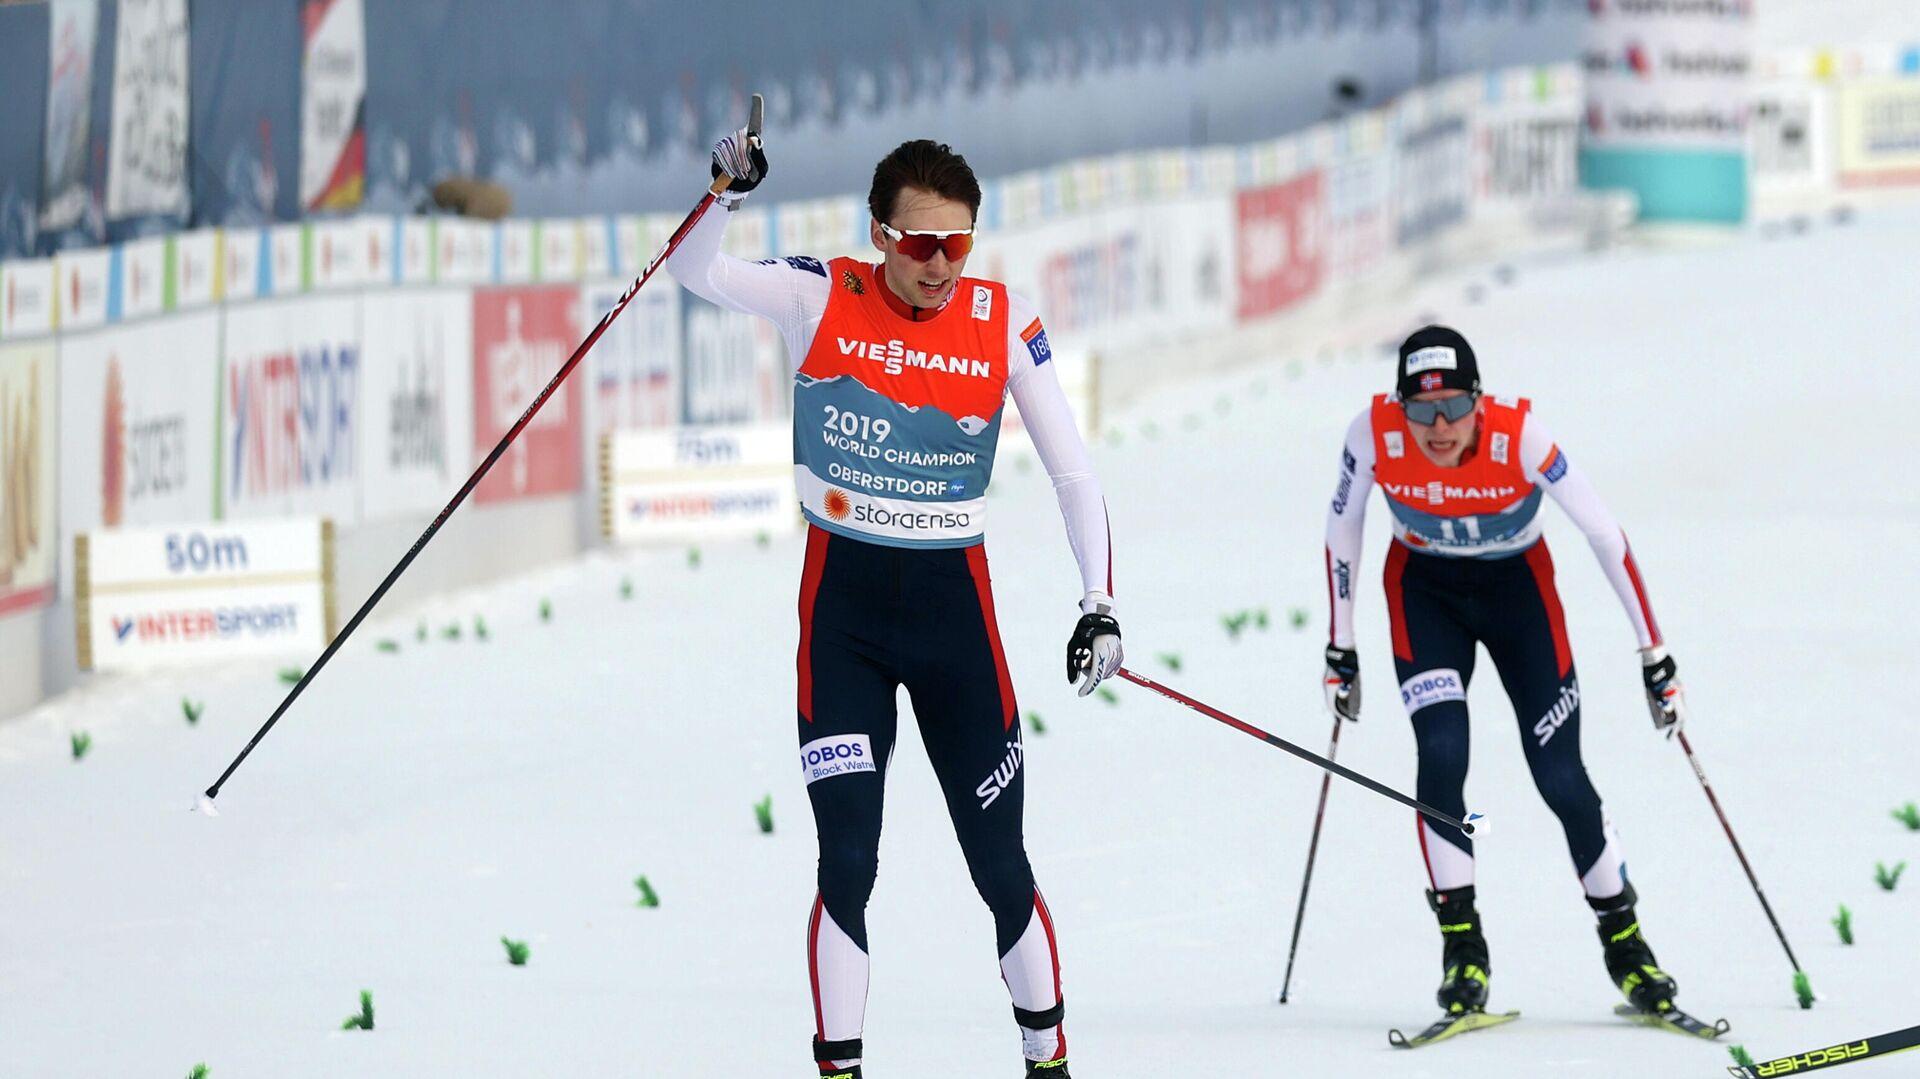 Норвежский лыжный двоеборец Ярл Магнус Риибер - РИА Новости, 1920, 26.02.2021